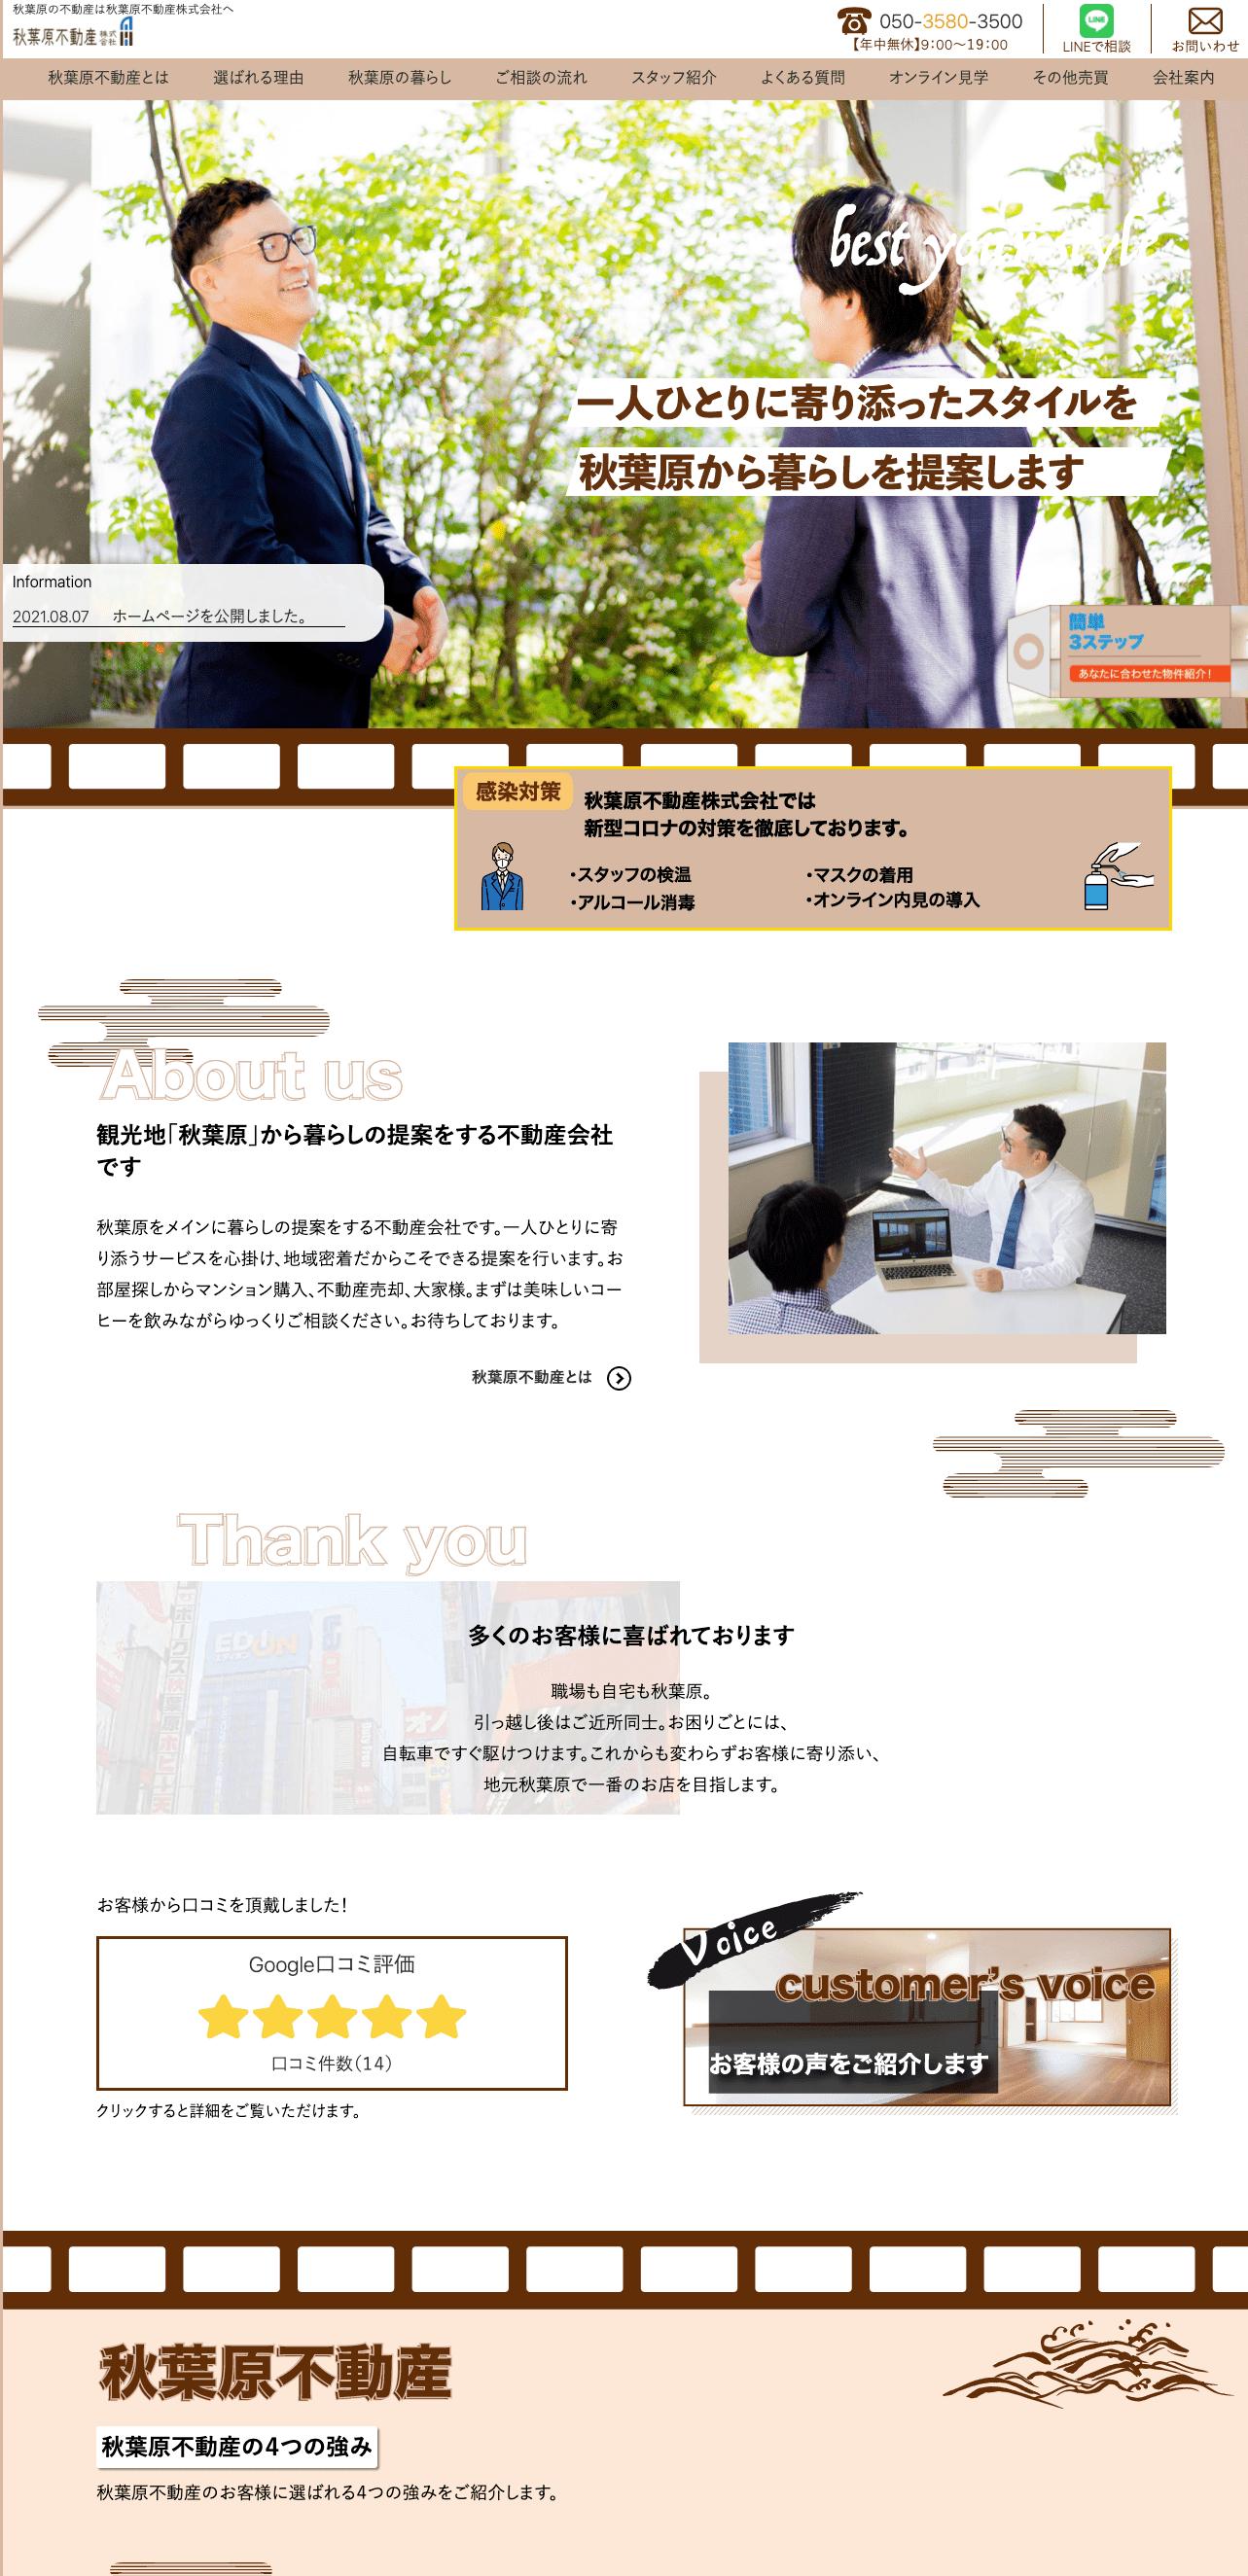 秋葉原不動産株式会社 様のホームページのスクショ写真